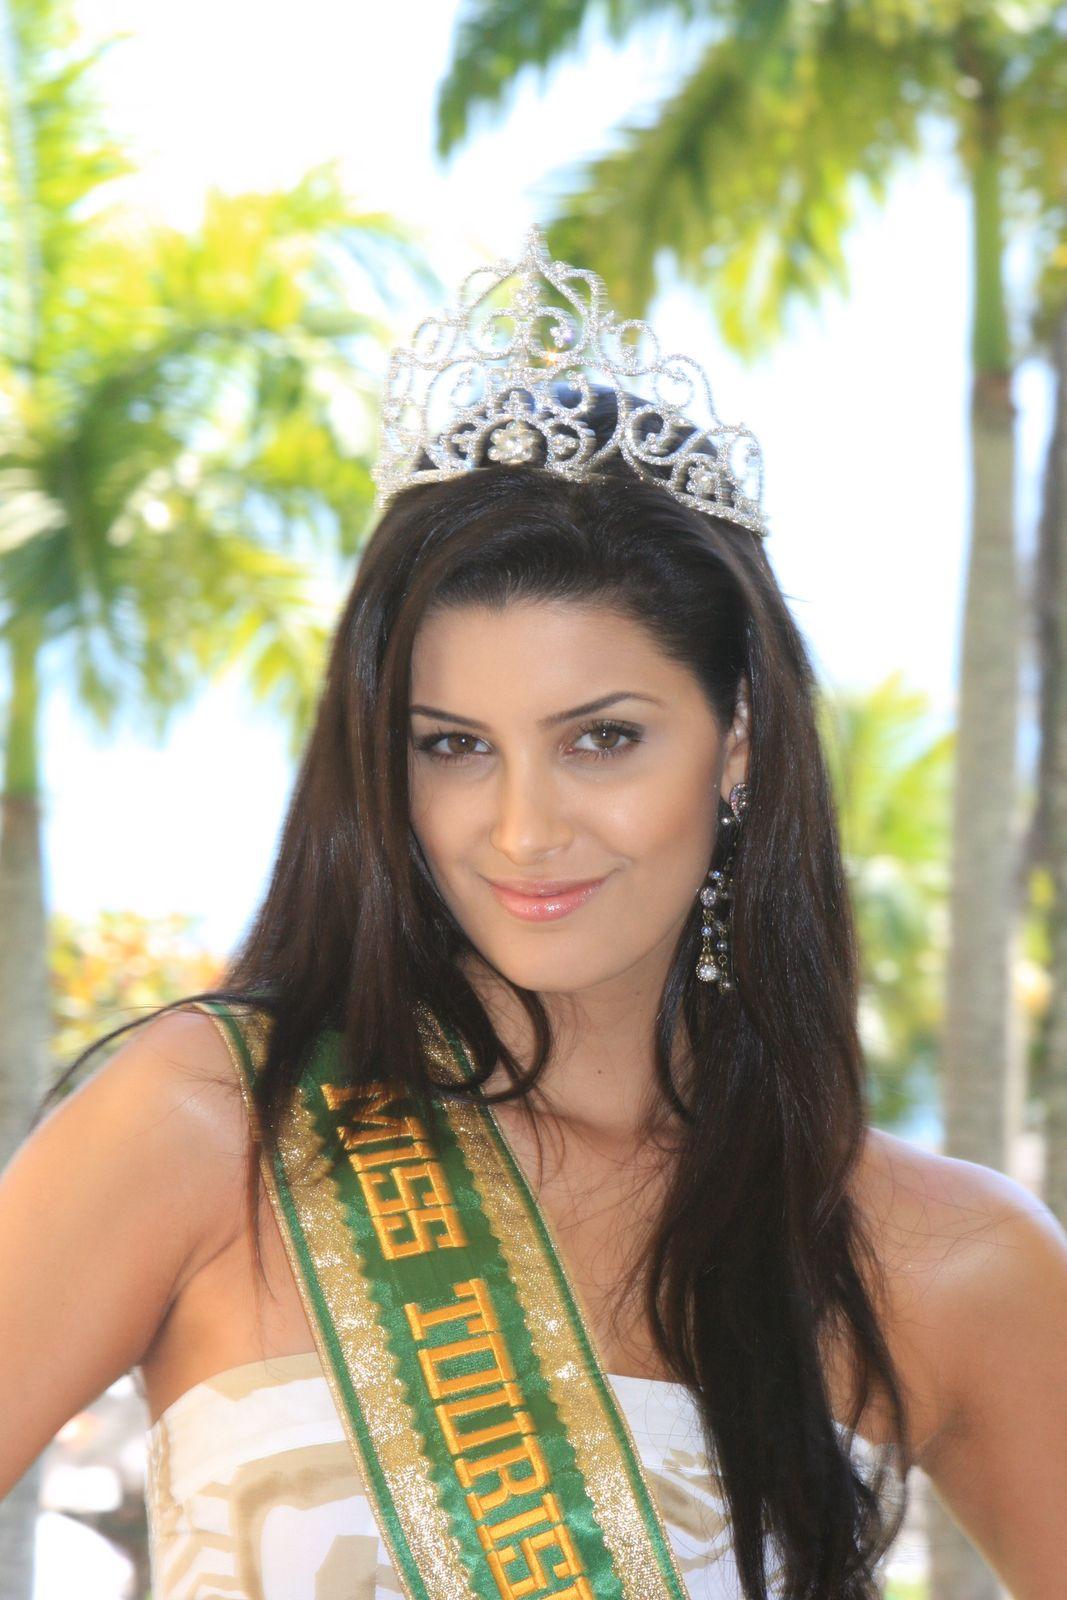 vivian noronha, rainha hispanoamericana 2008. suplente. - Página 2 Nv8jayea